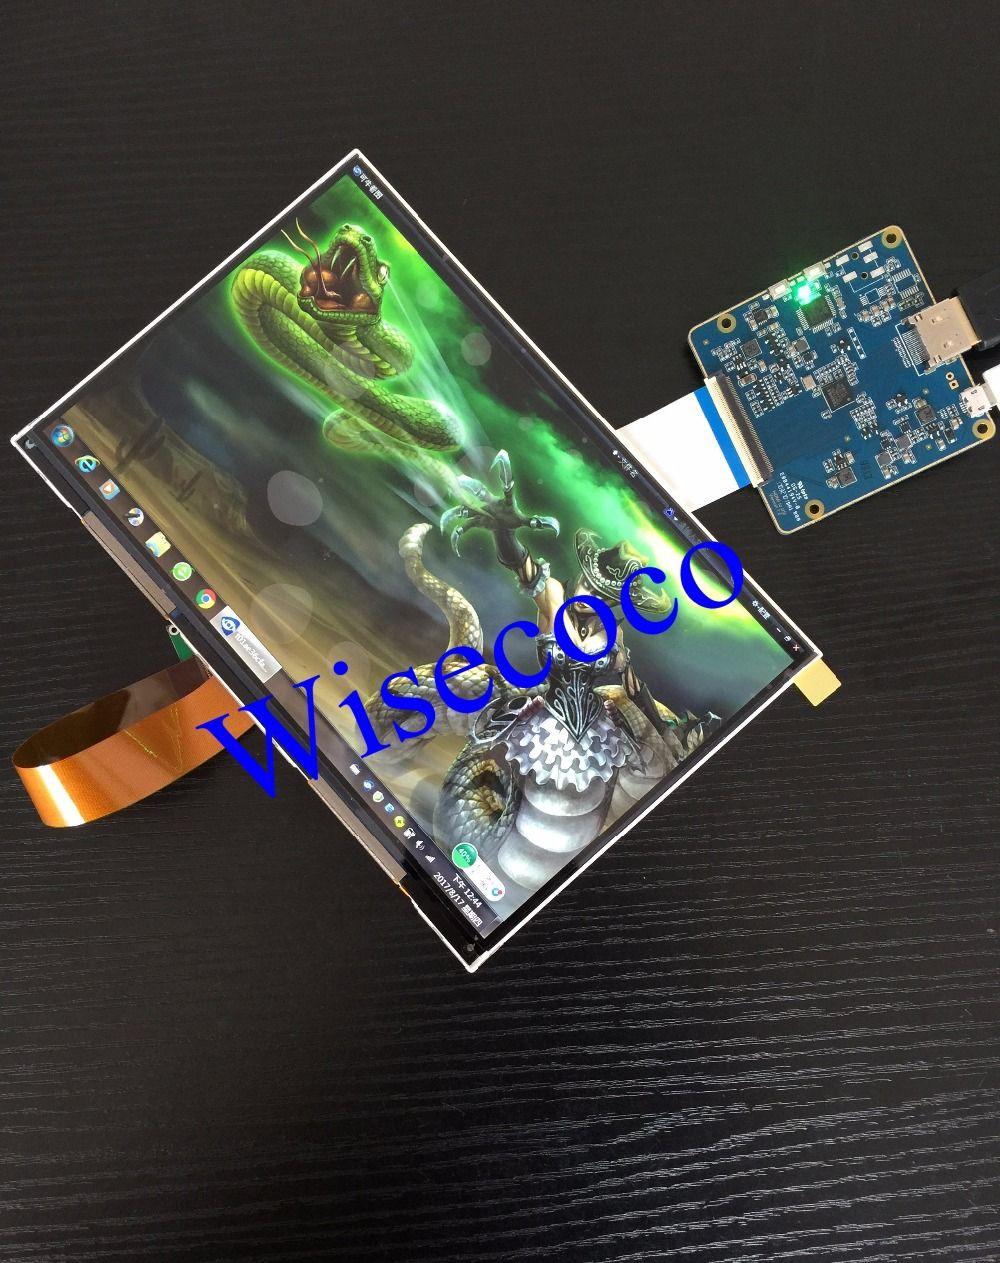 8,9 zoll 2560*1600 WQXGA 2 Karat Lcd-modul-anzeigeschirm Stick Bord HDMI Display DIY Projektor Kit 3D Drucker Monitor